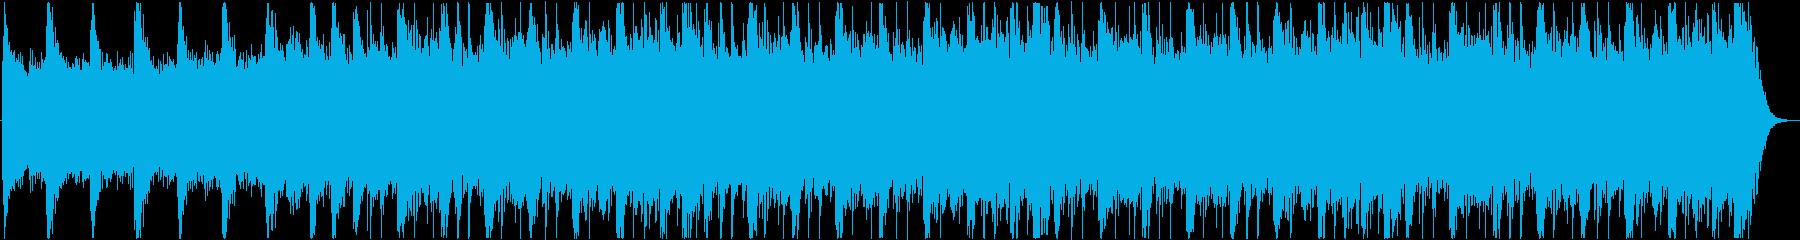 繰り返し訪れる不安をイメージしたBGMの再生済みの波形